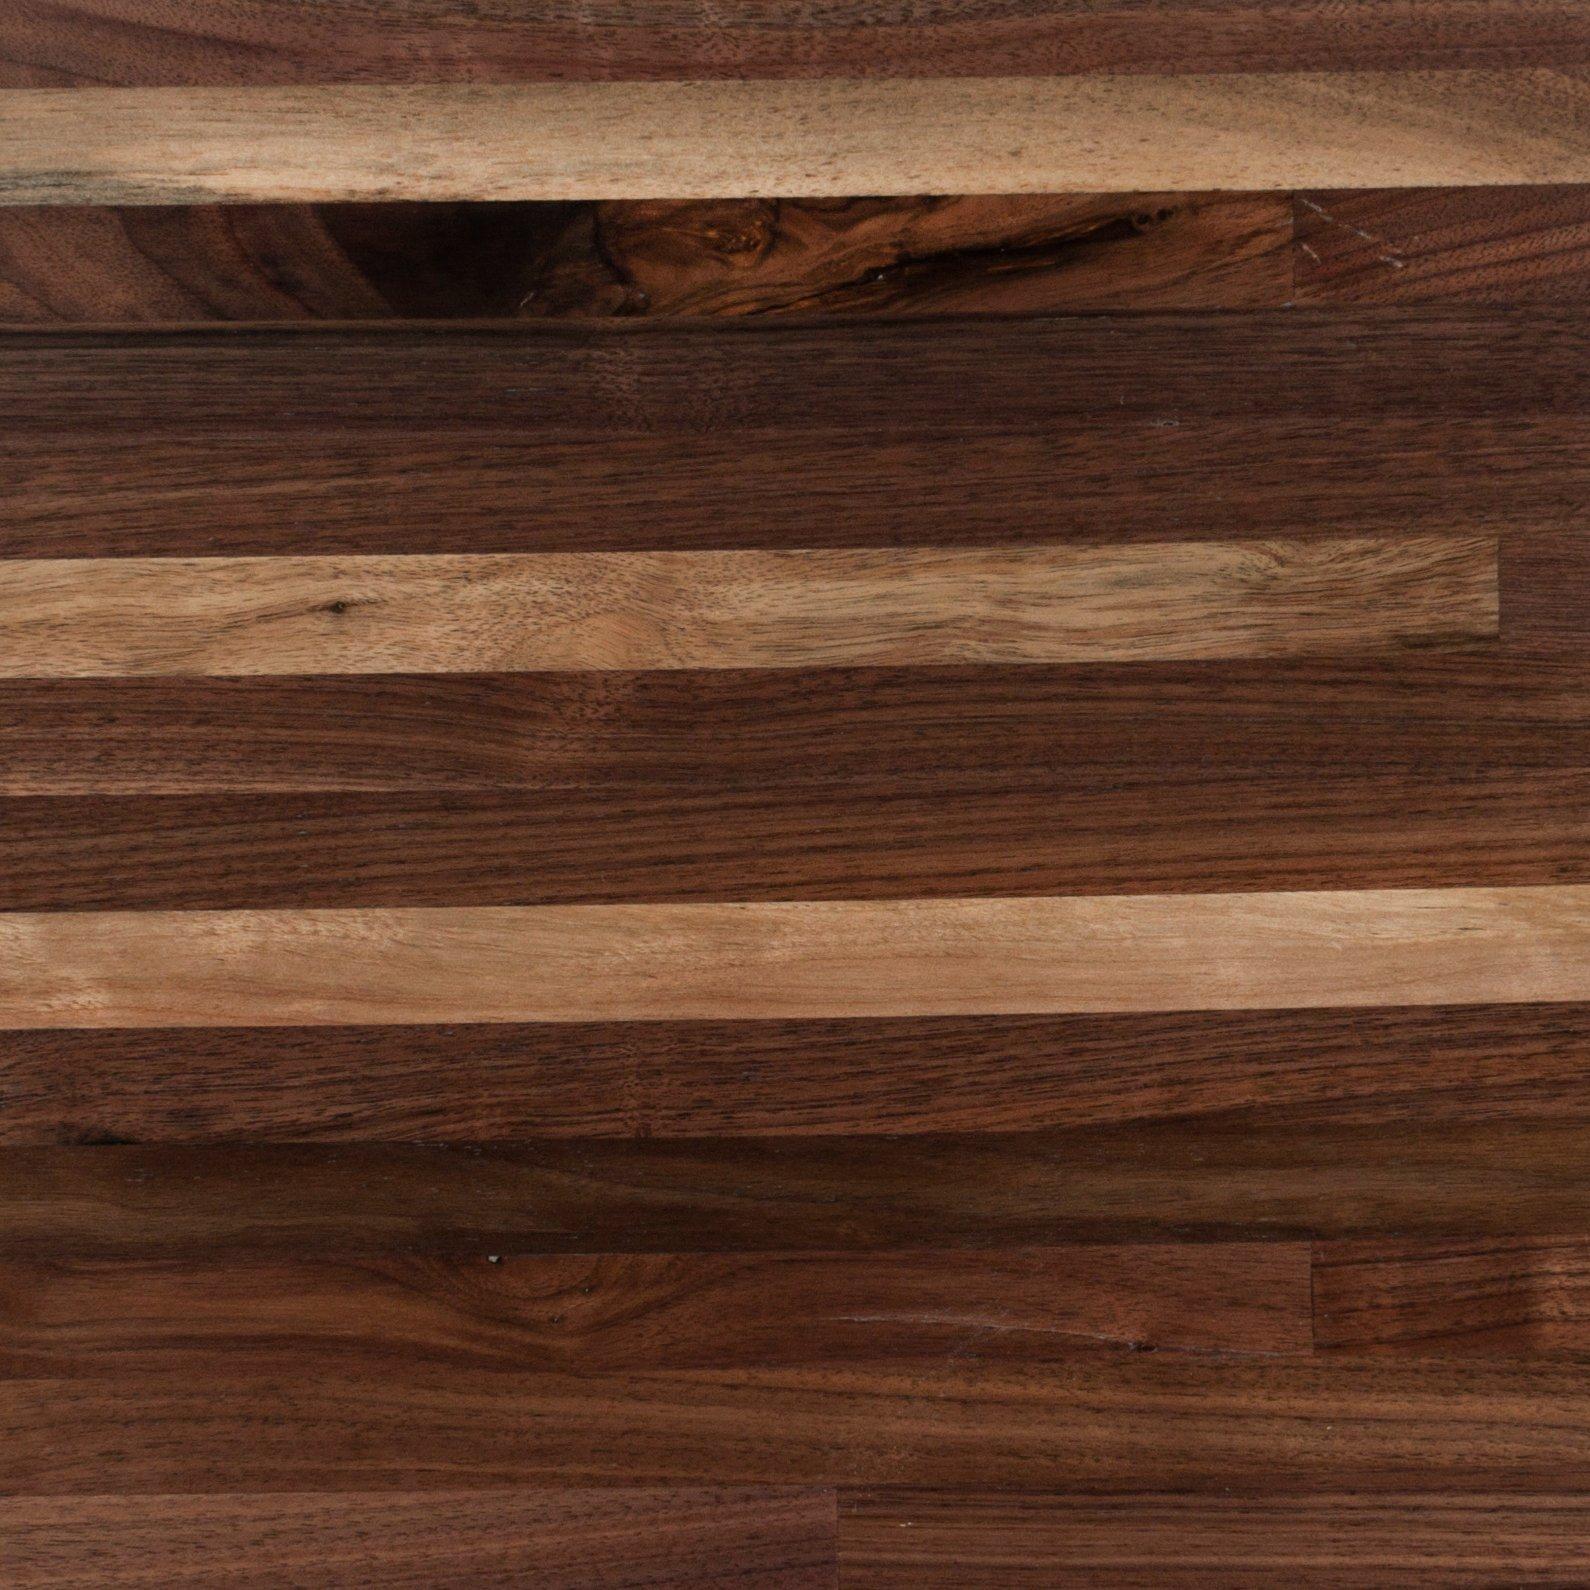 countertops for walnut best butcherblock butcher discover block your dark kitchen countertop the